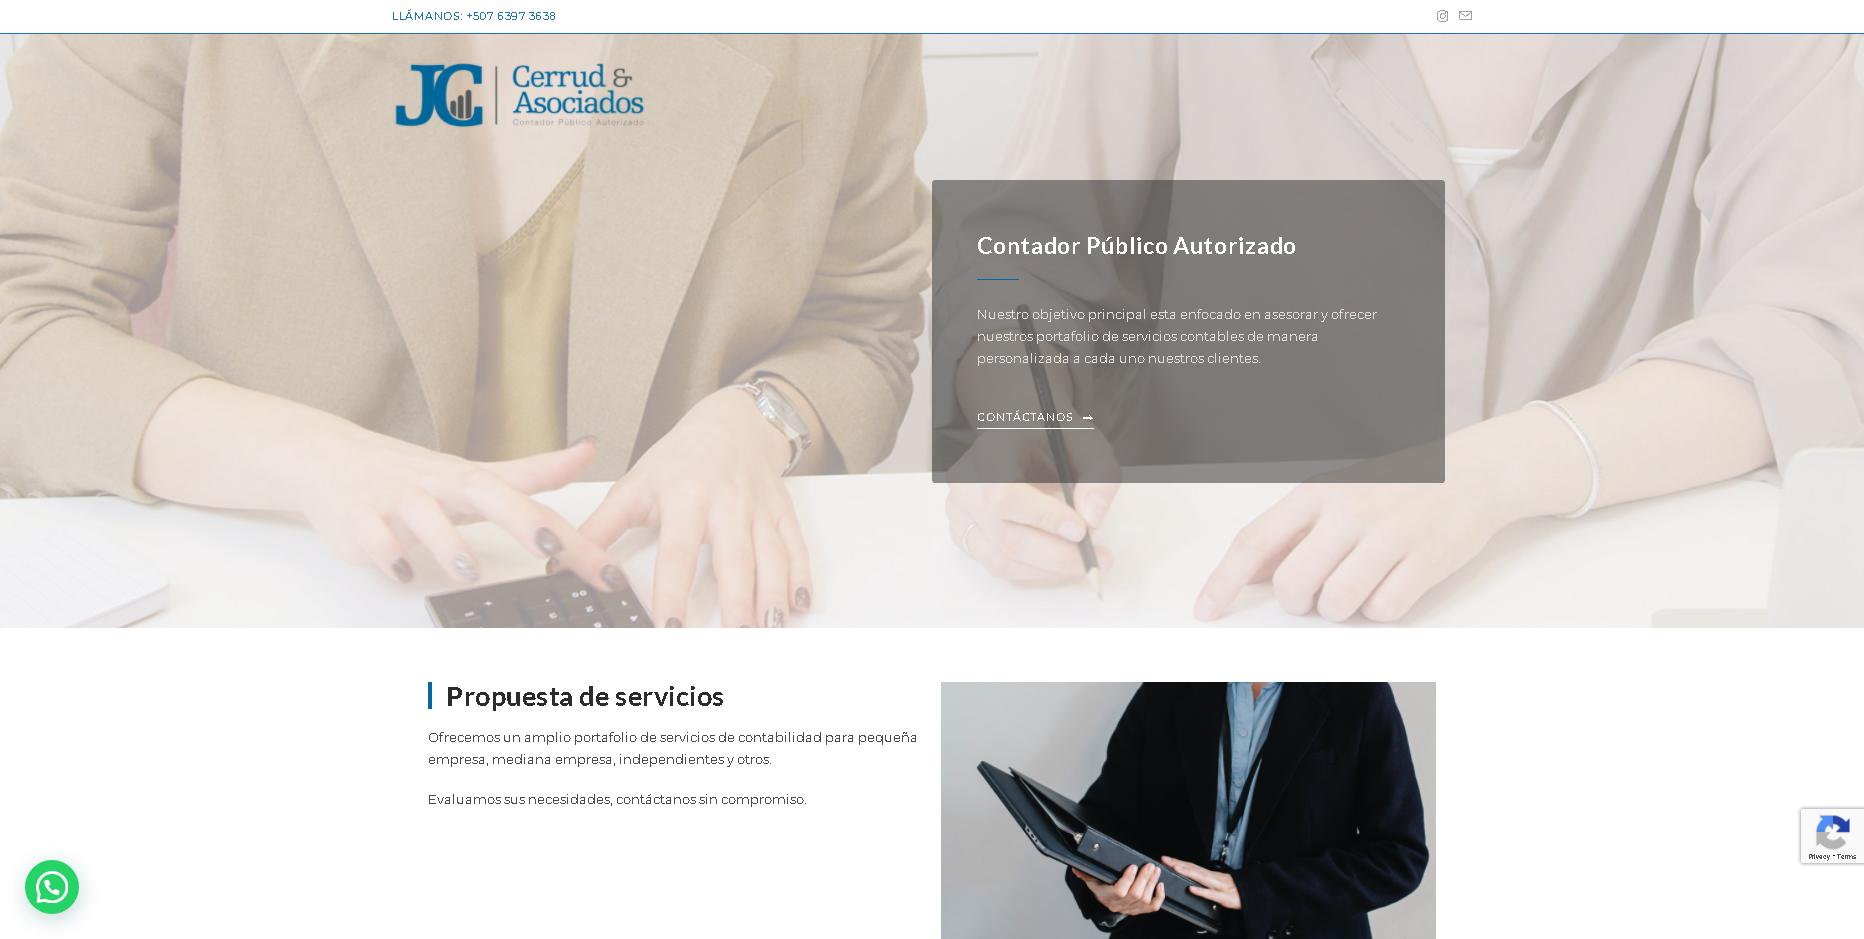 Cerrud & Asociados CPA